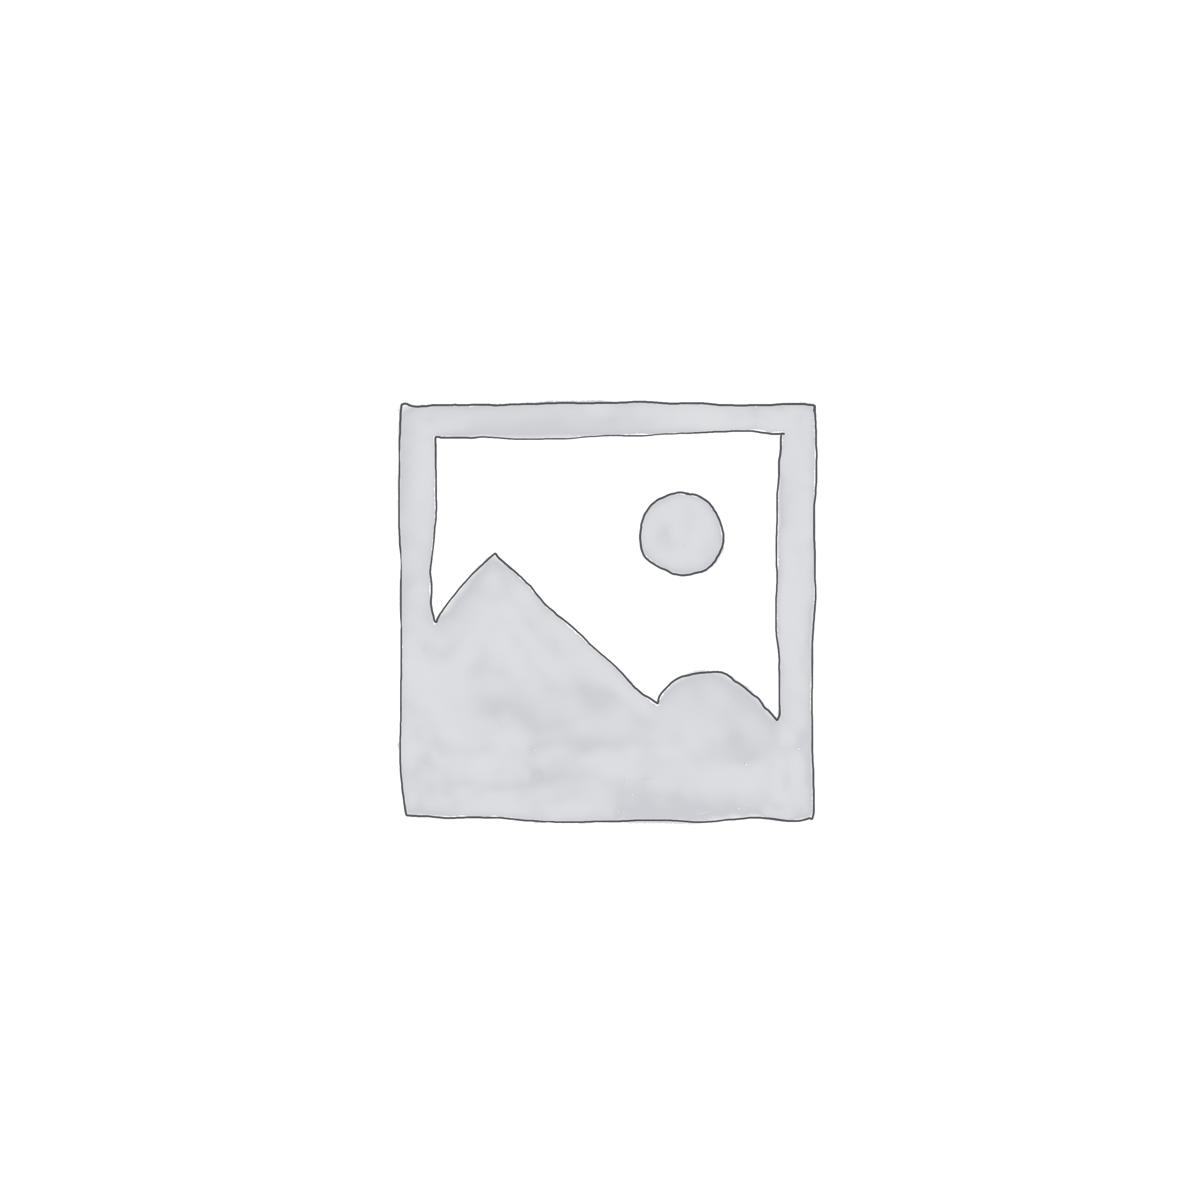 Spaniferek (rakomáyntögzítők)